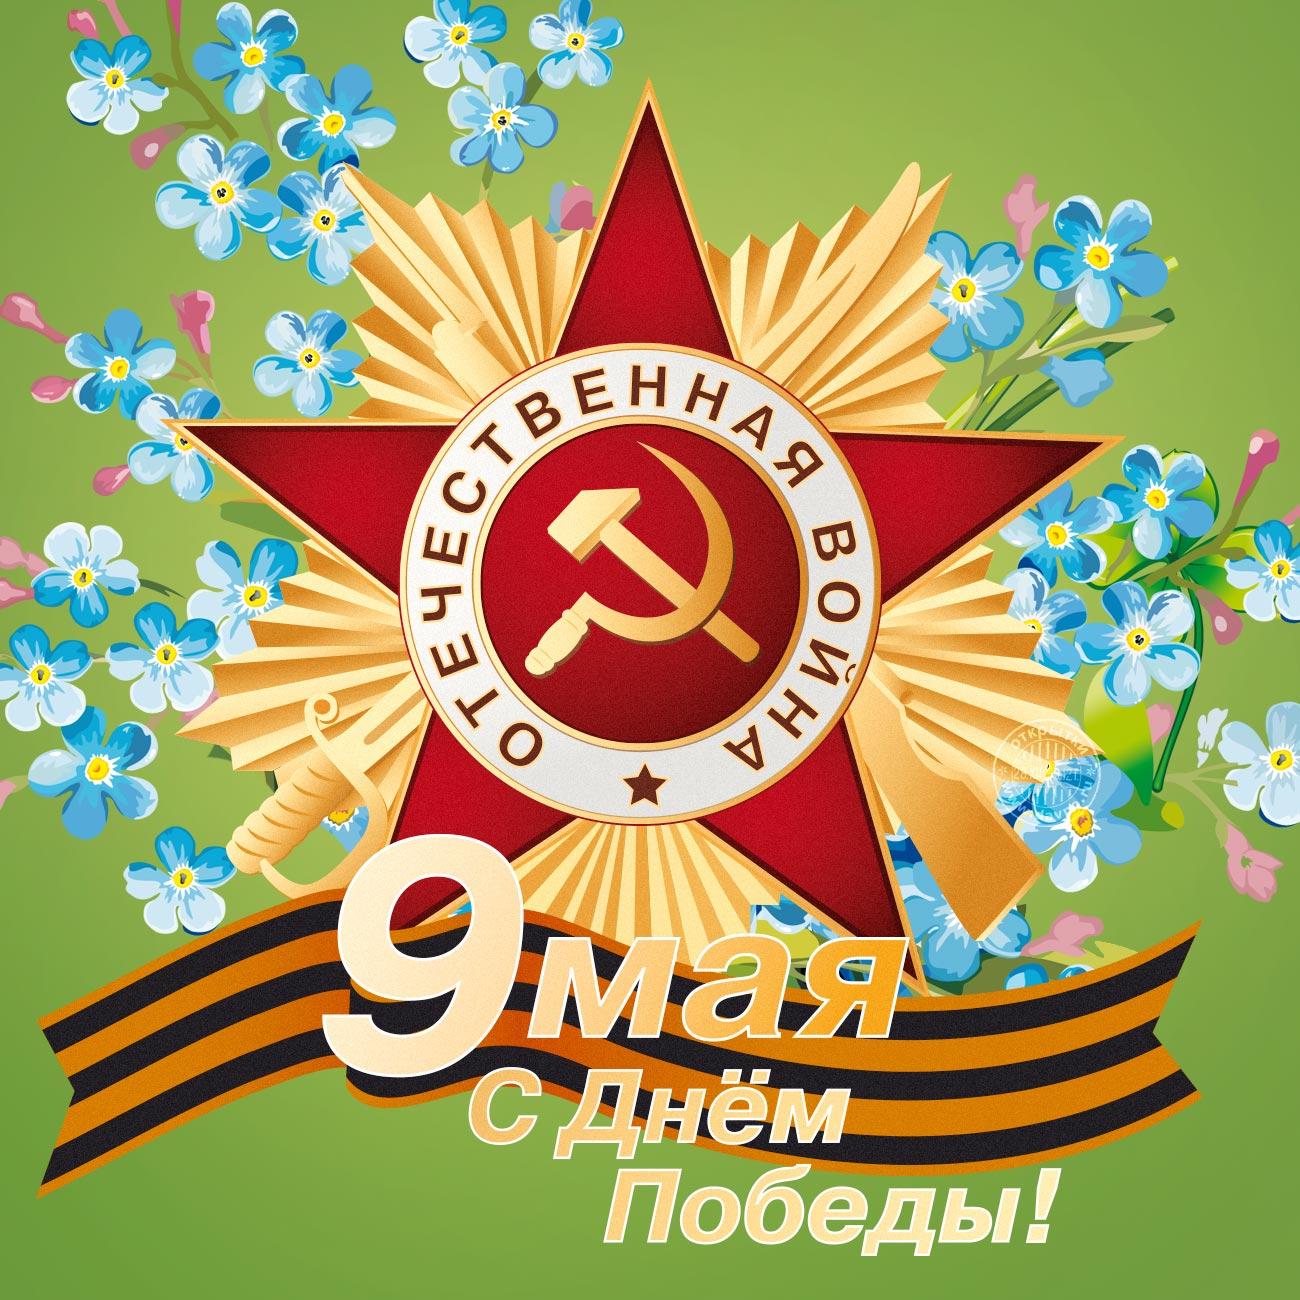 Картинки открытки с днем победы 9 мая, поздравления